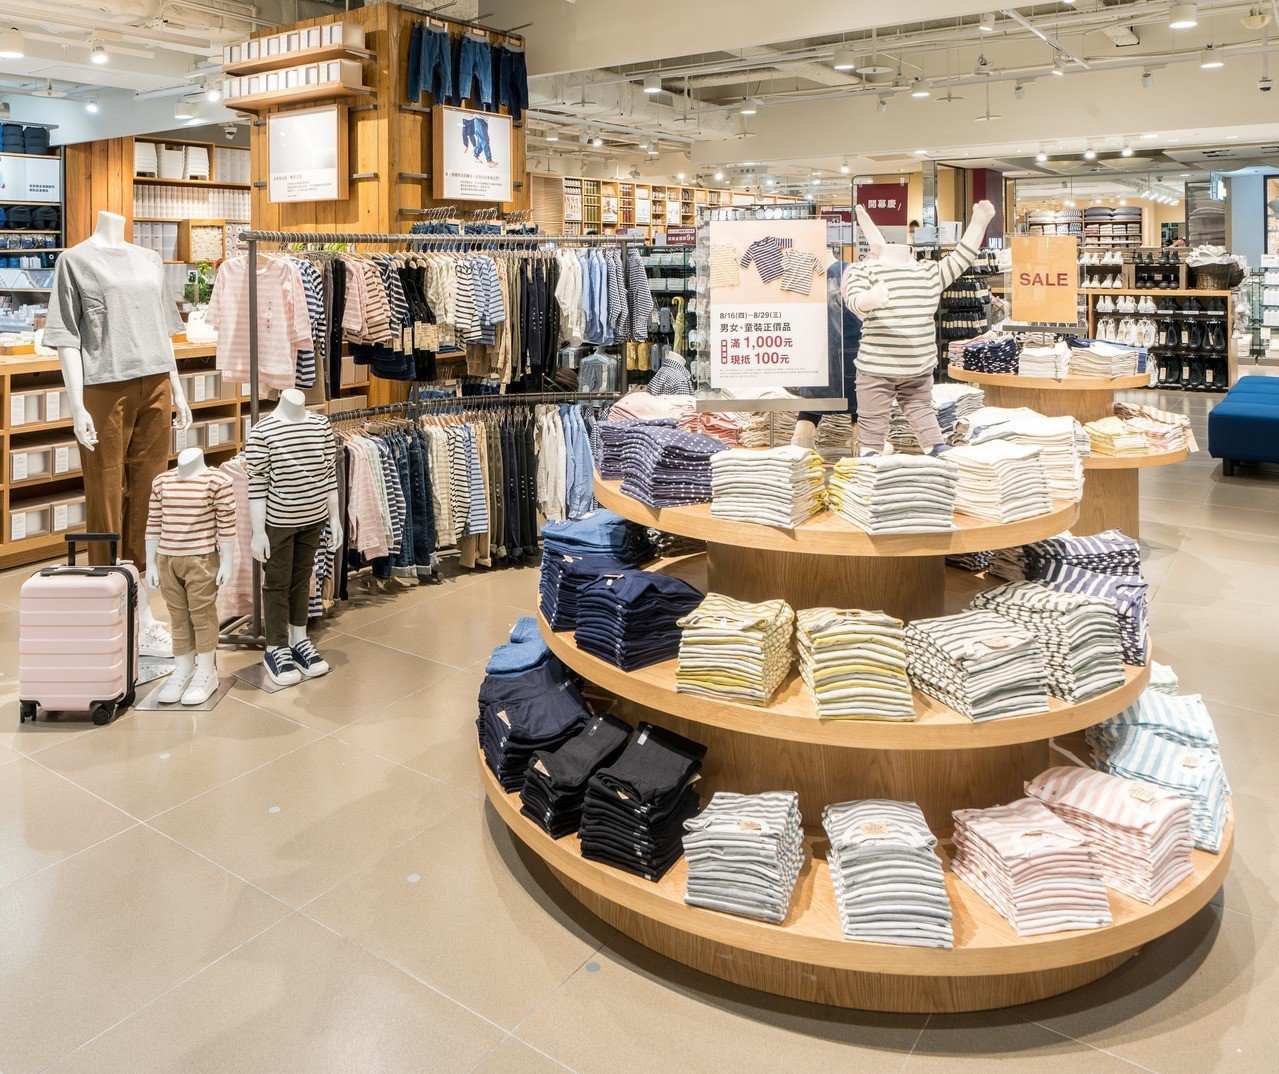 引進新式貨架陳列童裝、鞋襪類商品,提供更舒適、一目瞭然的空間。圖/無印良品提供